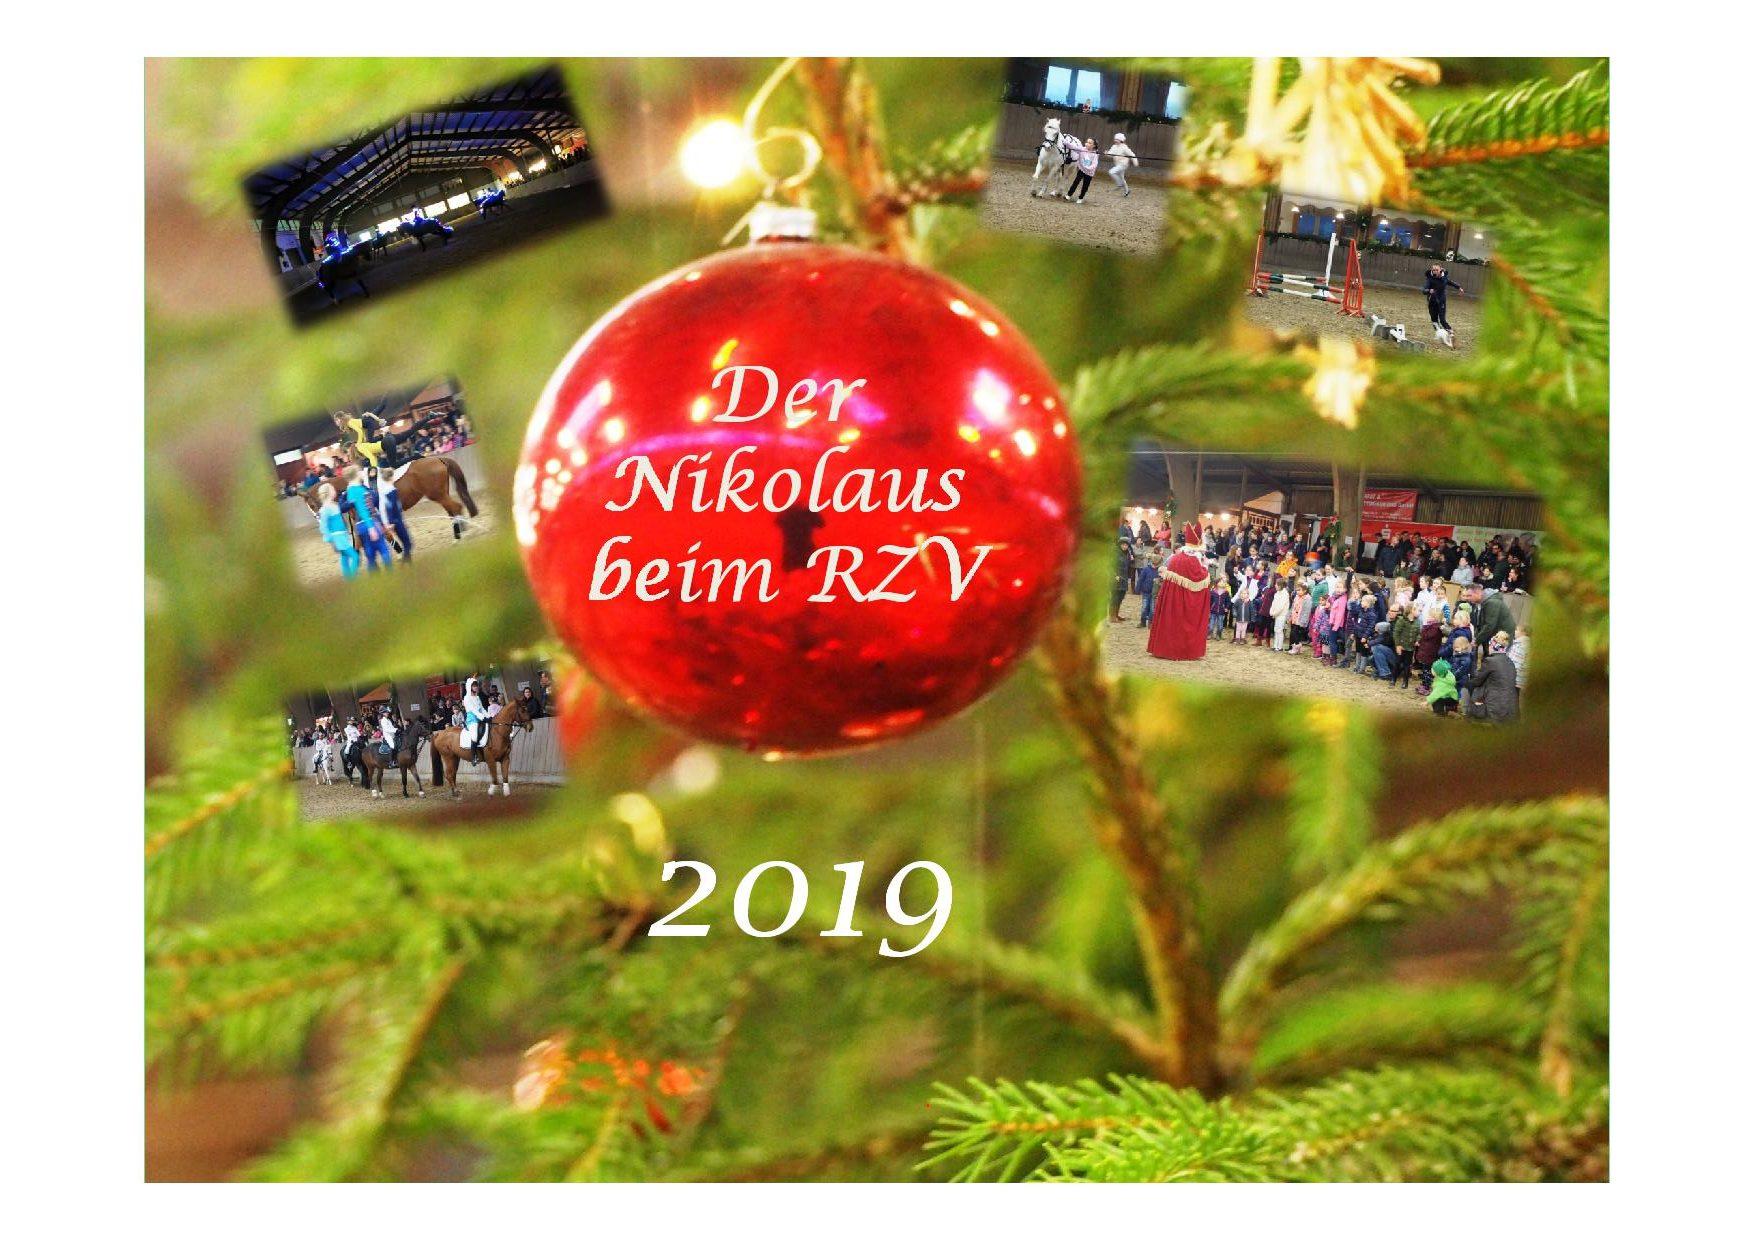 Der Nikolaus beim RZV!